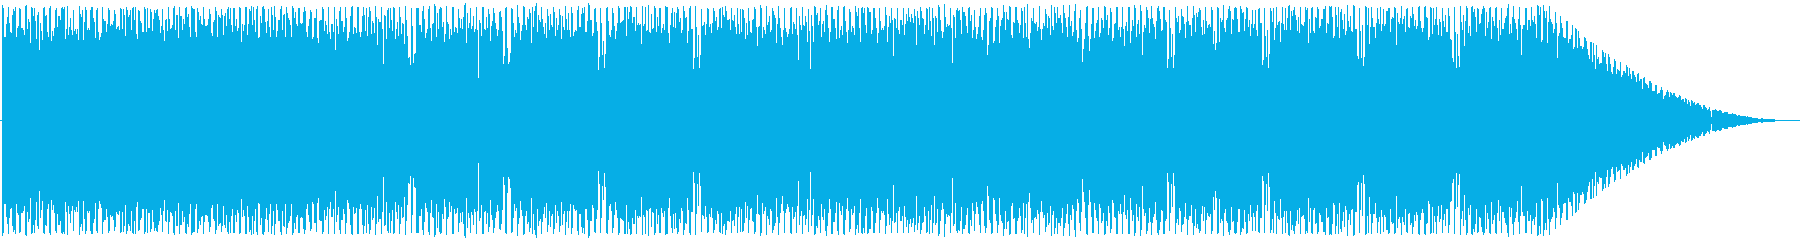 ファミコン/お笑い/パニック/ピコピコの再生済みの波形